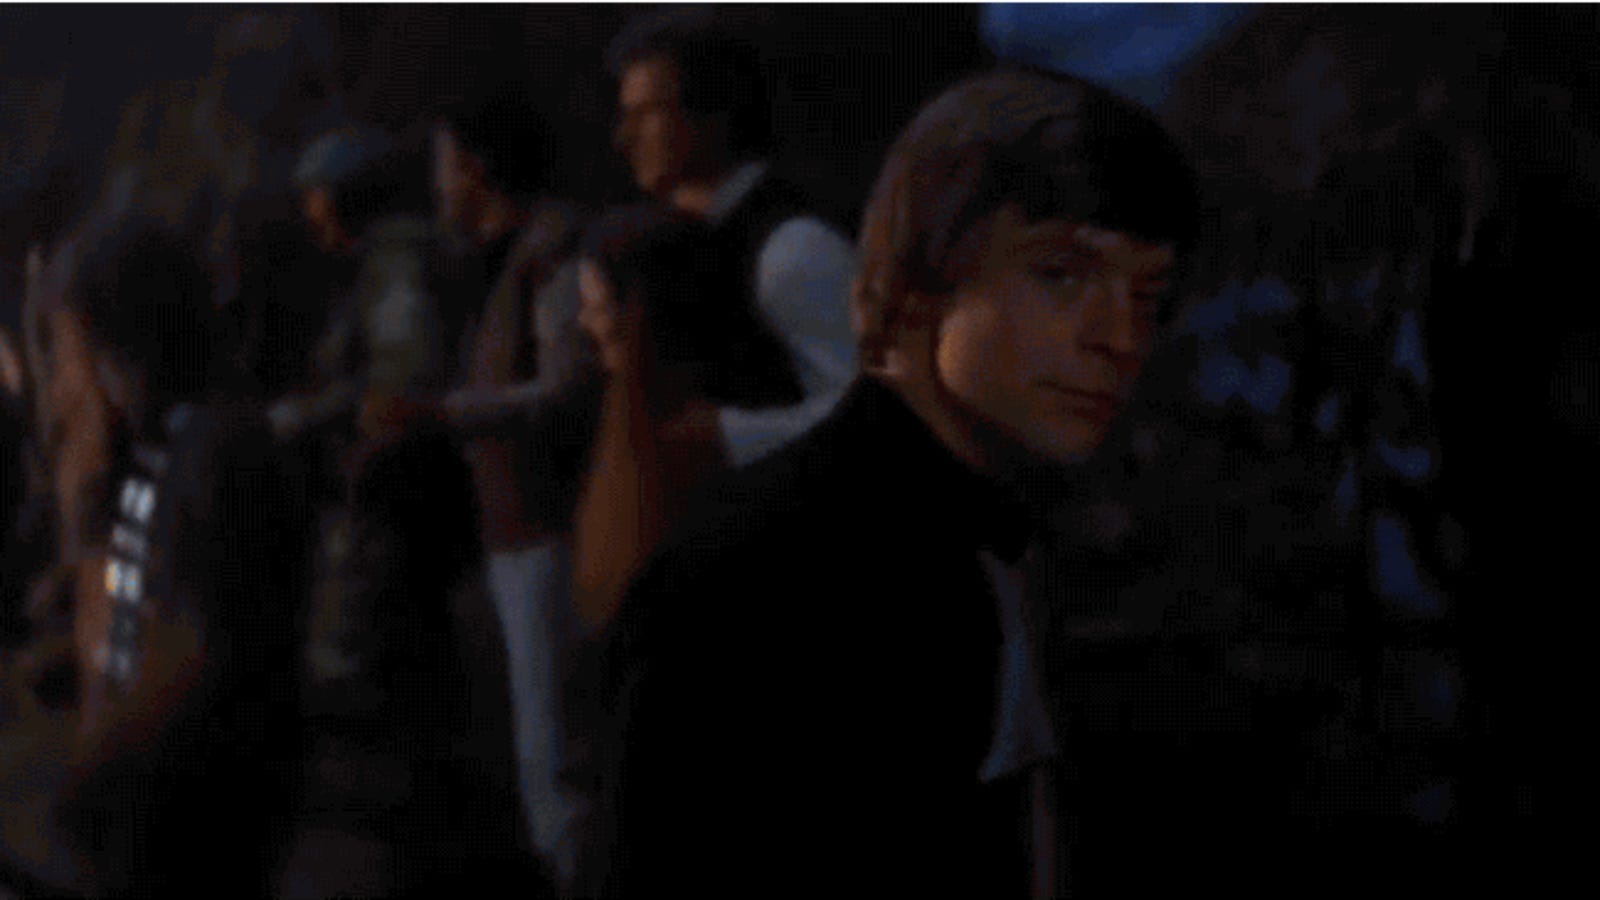 Los 10 cambios más absurdos que hizo George Lucas a la trilogía original de Star Wars